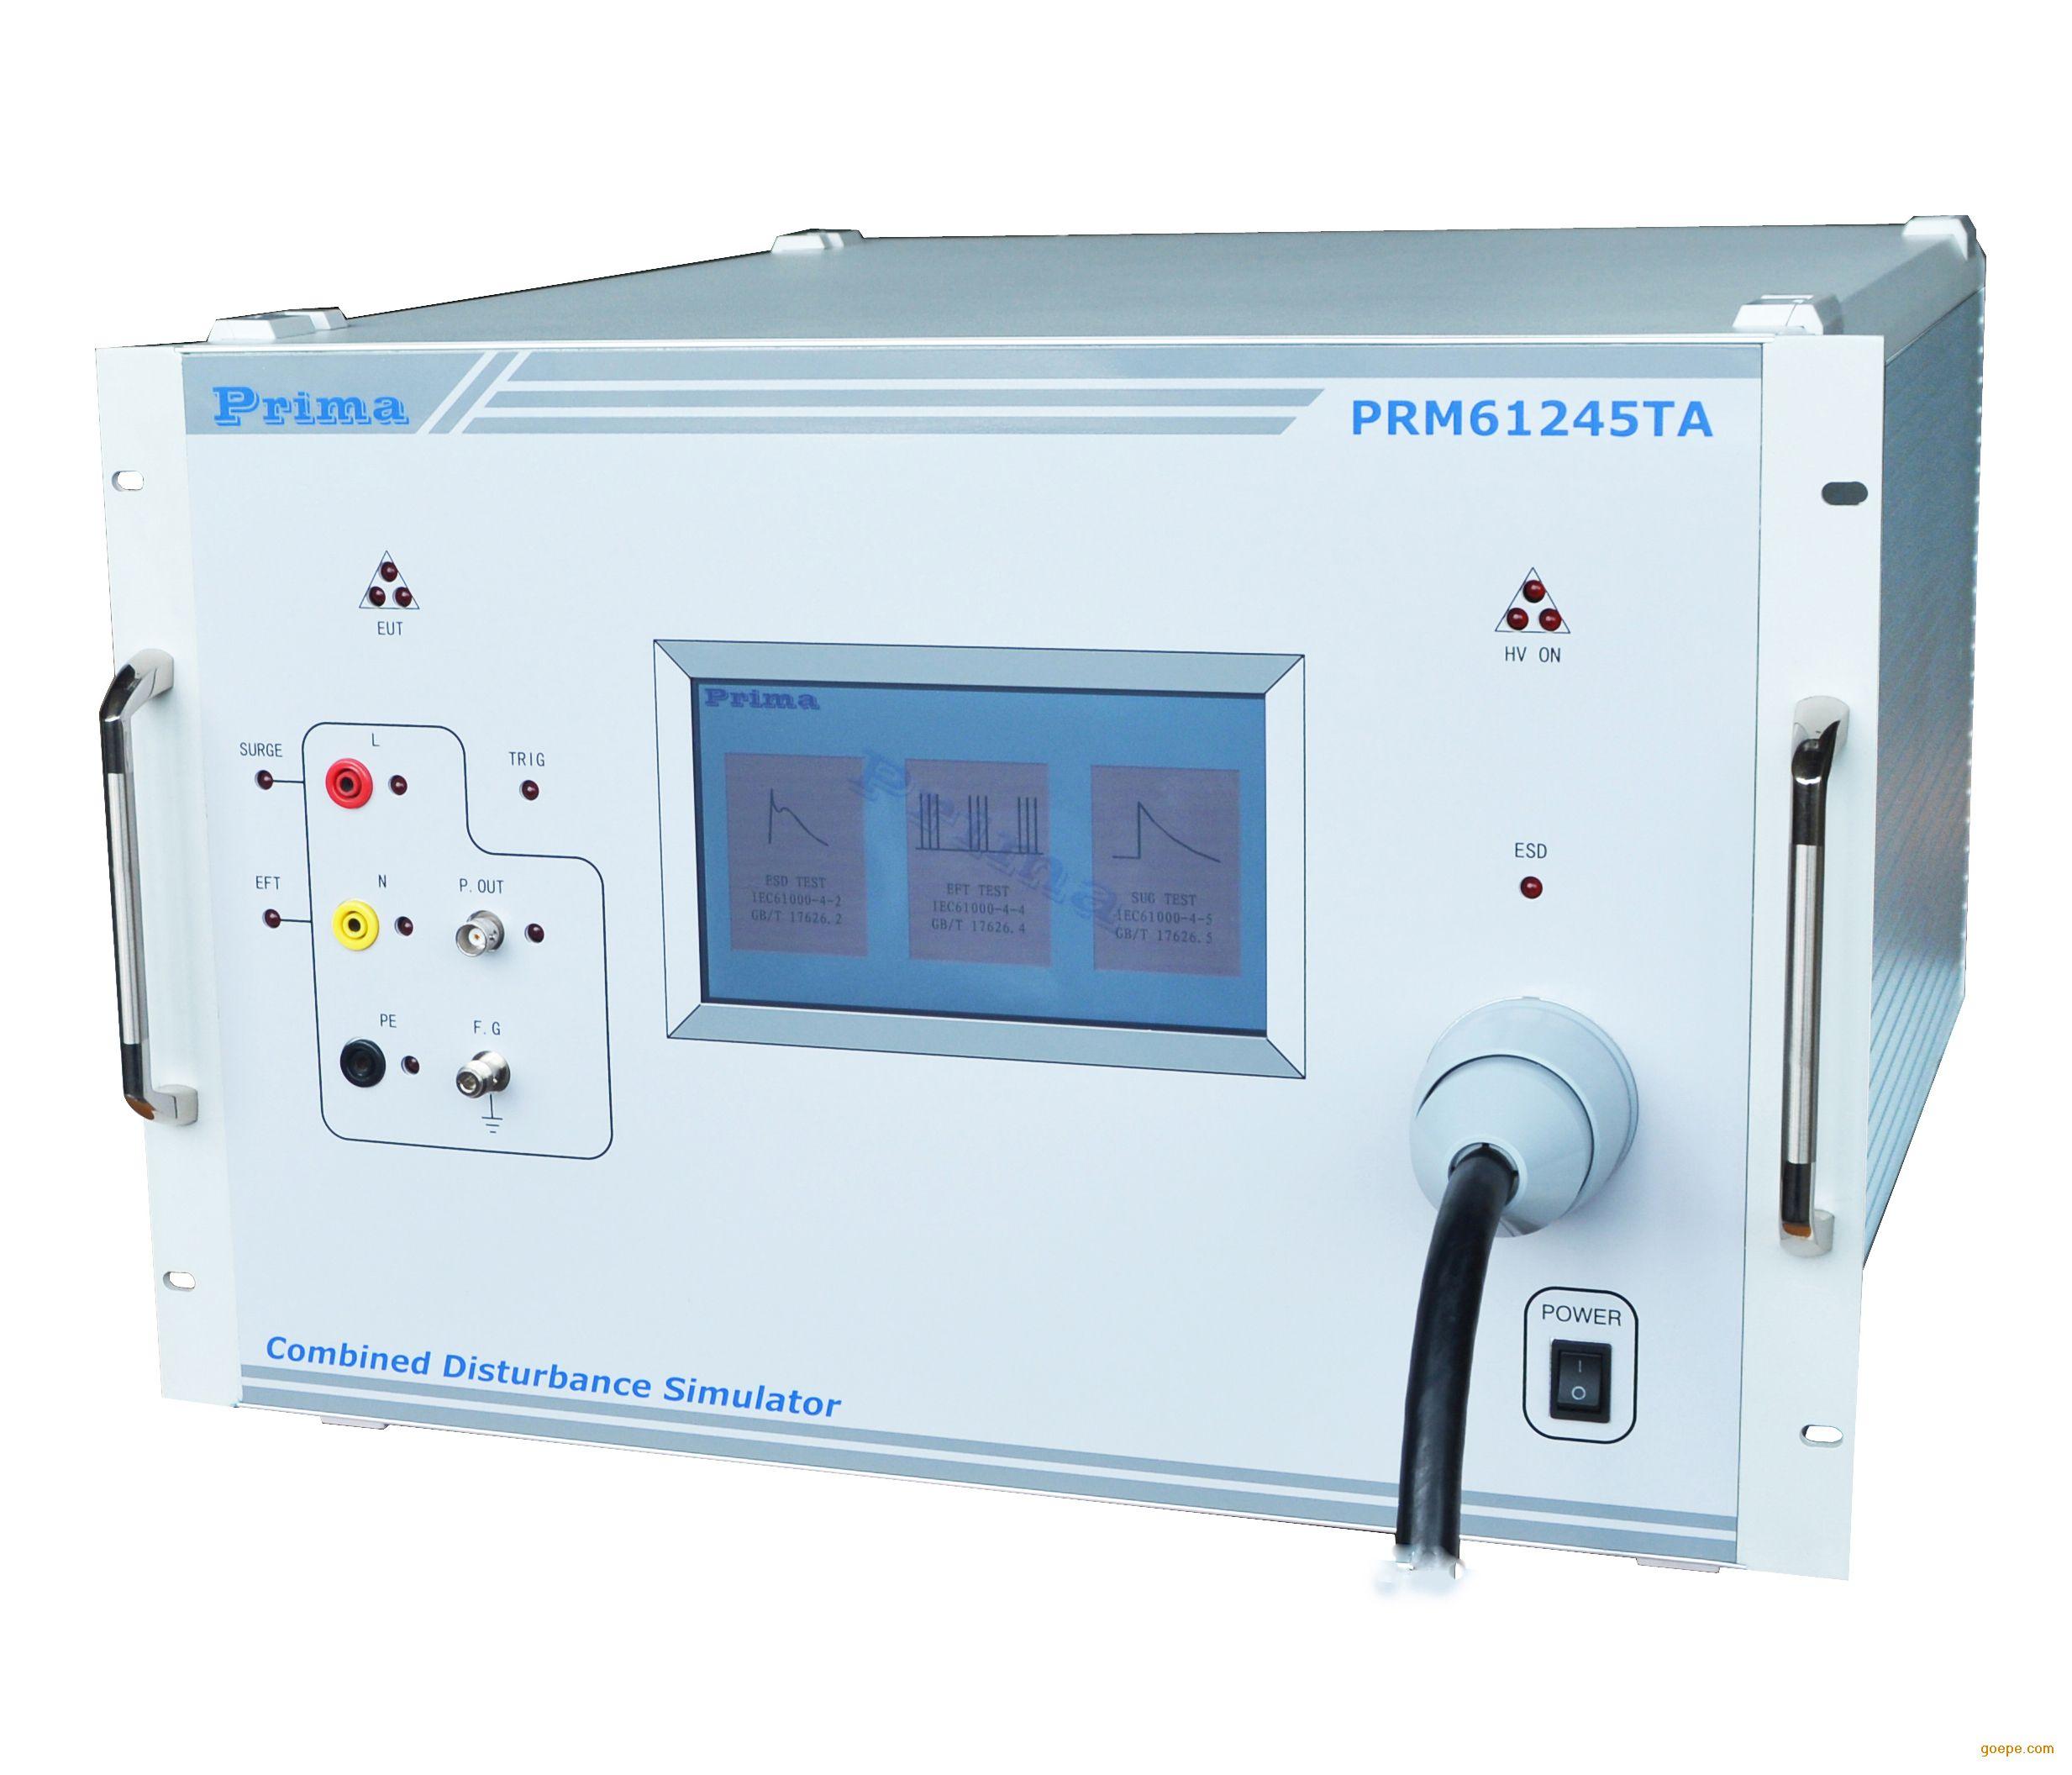 单相静电、脉冲、雷击三合一组合式干扰发生器